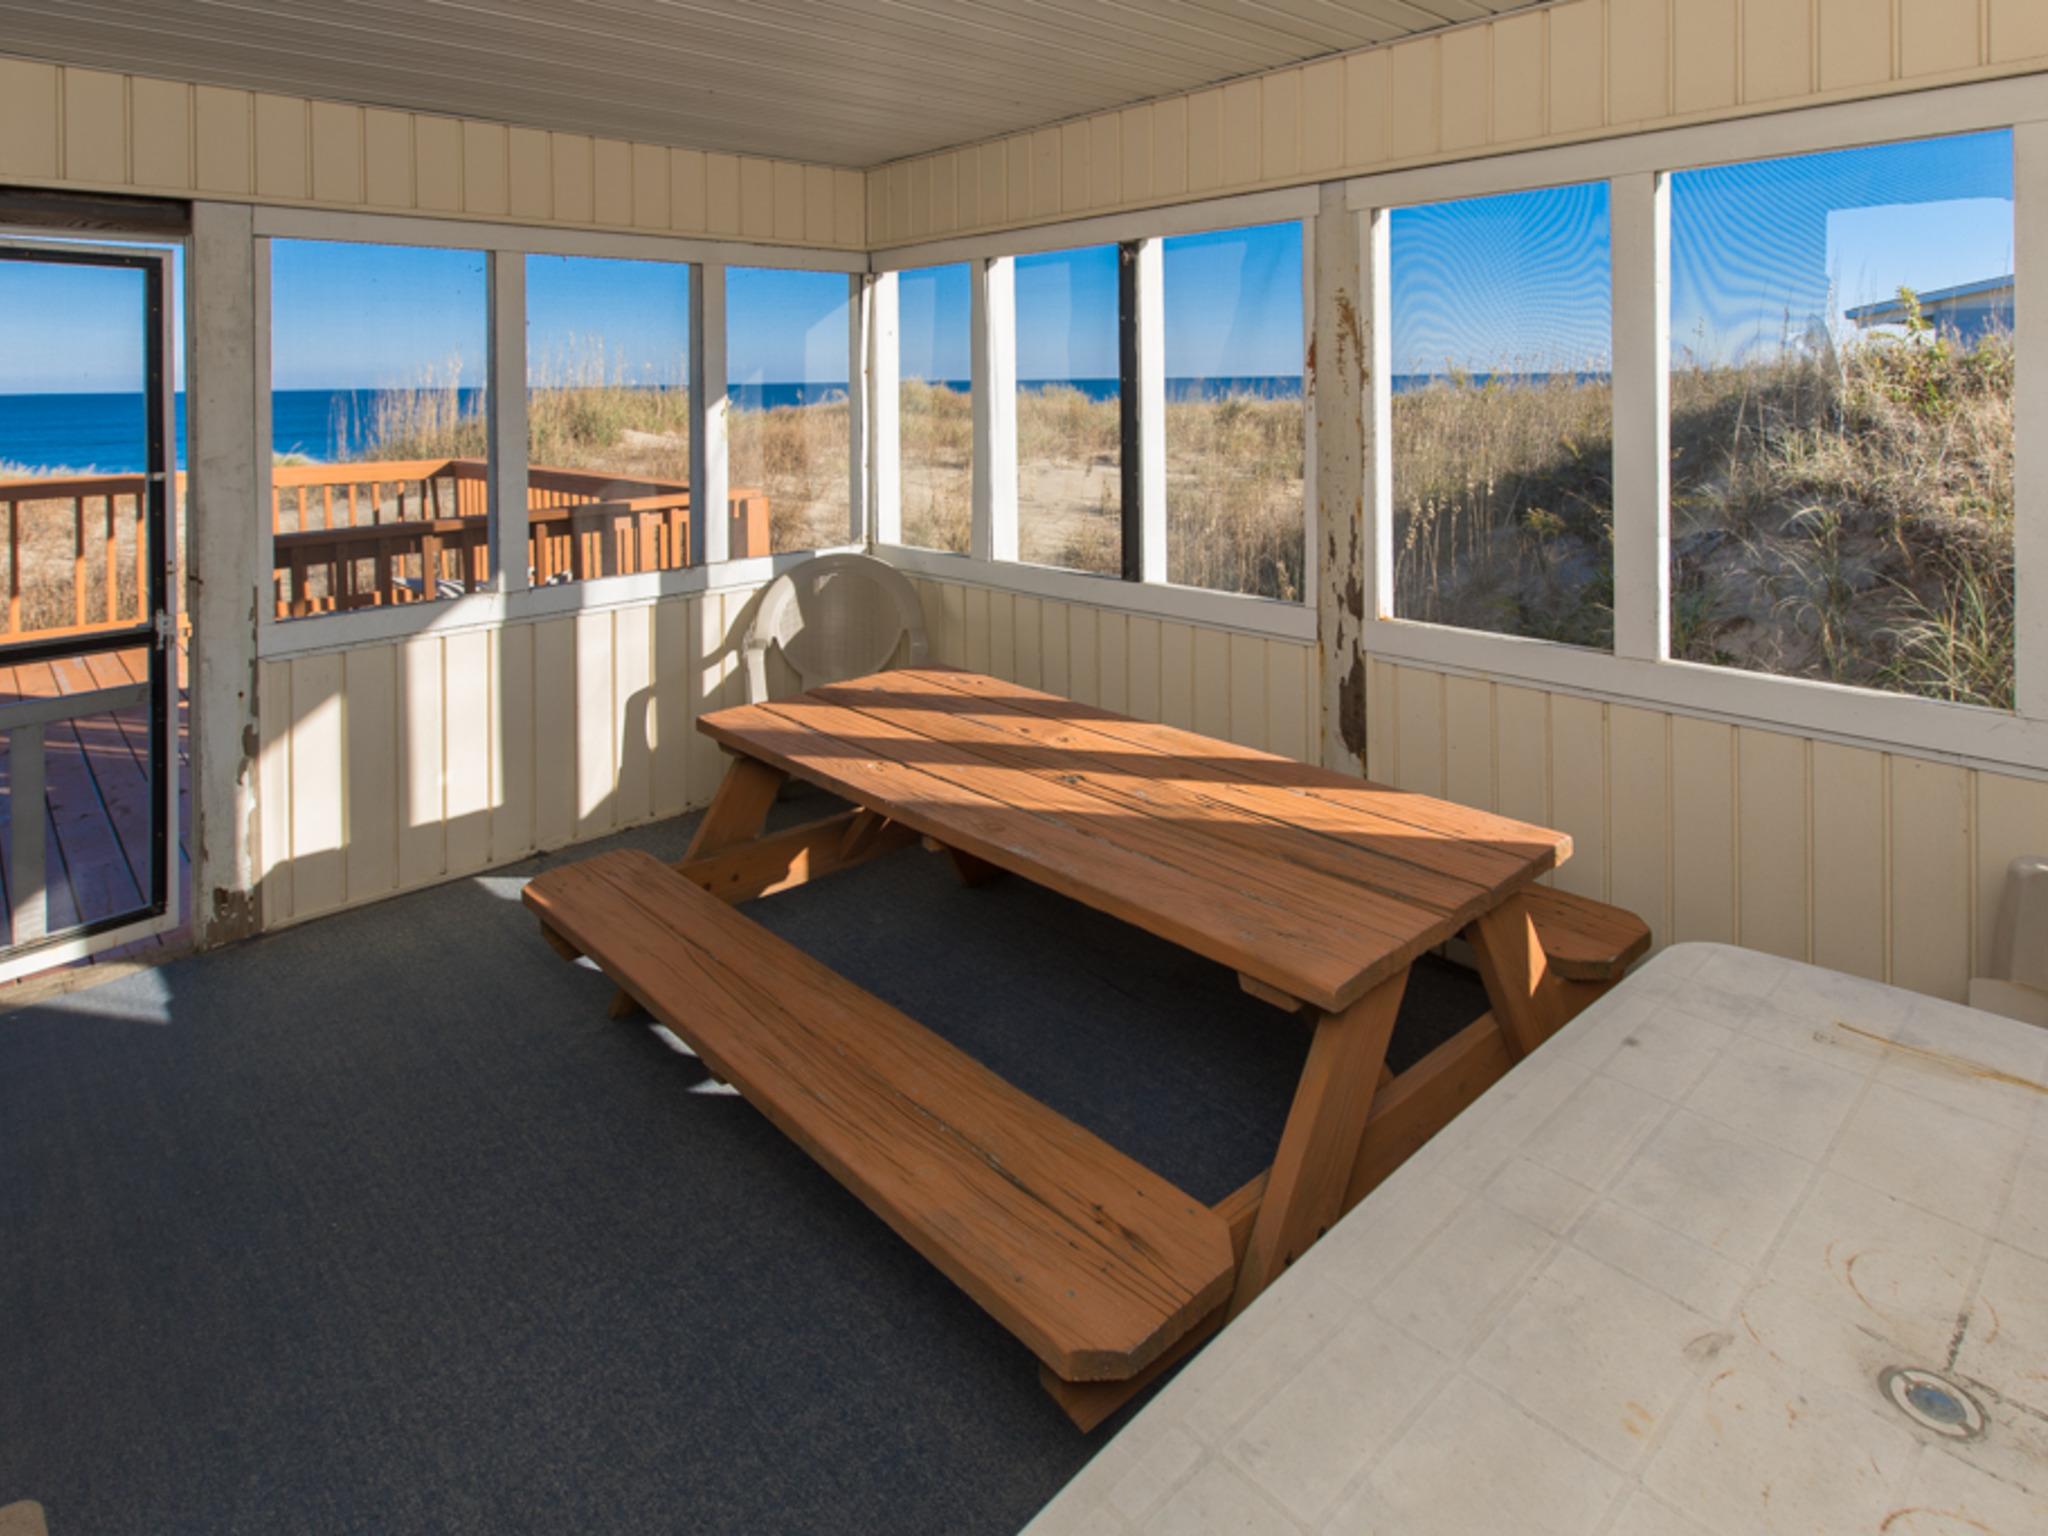 Barefootin 39 4 bedroom home virginia beach va - 4 bedroom houses for rent in virginia beach ...